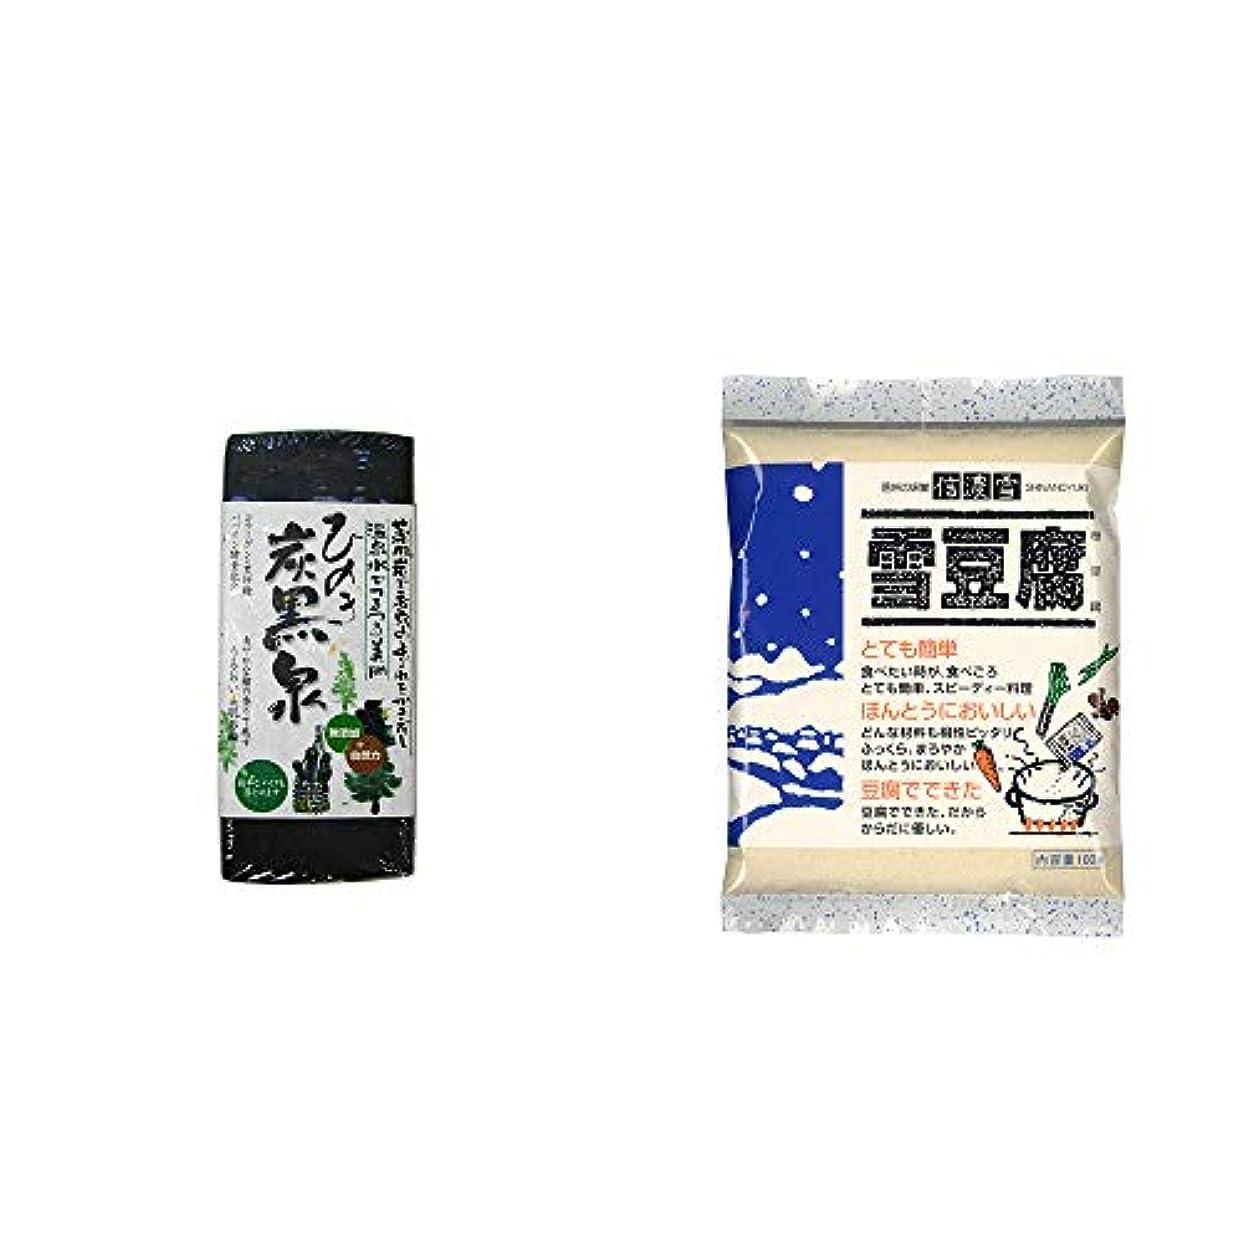 剪断施し全体に[2点セット] ひのき炭黒泉(75g×2)・信濃雪 雪豆腐(粉豆腐)(100g)